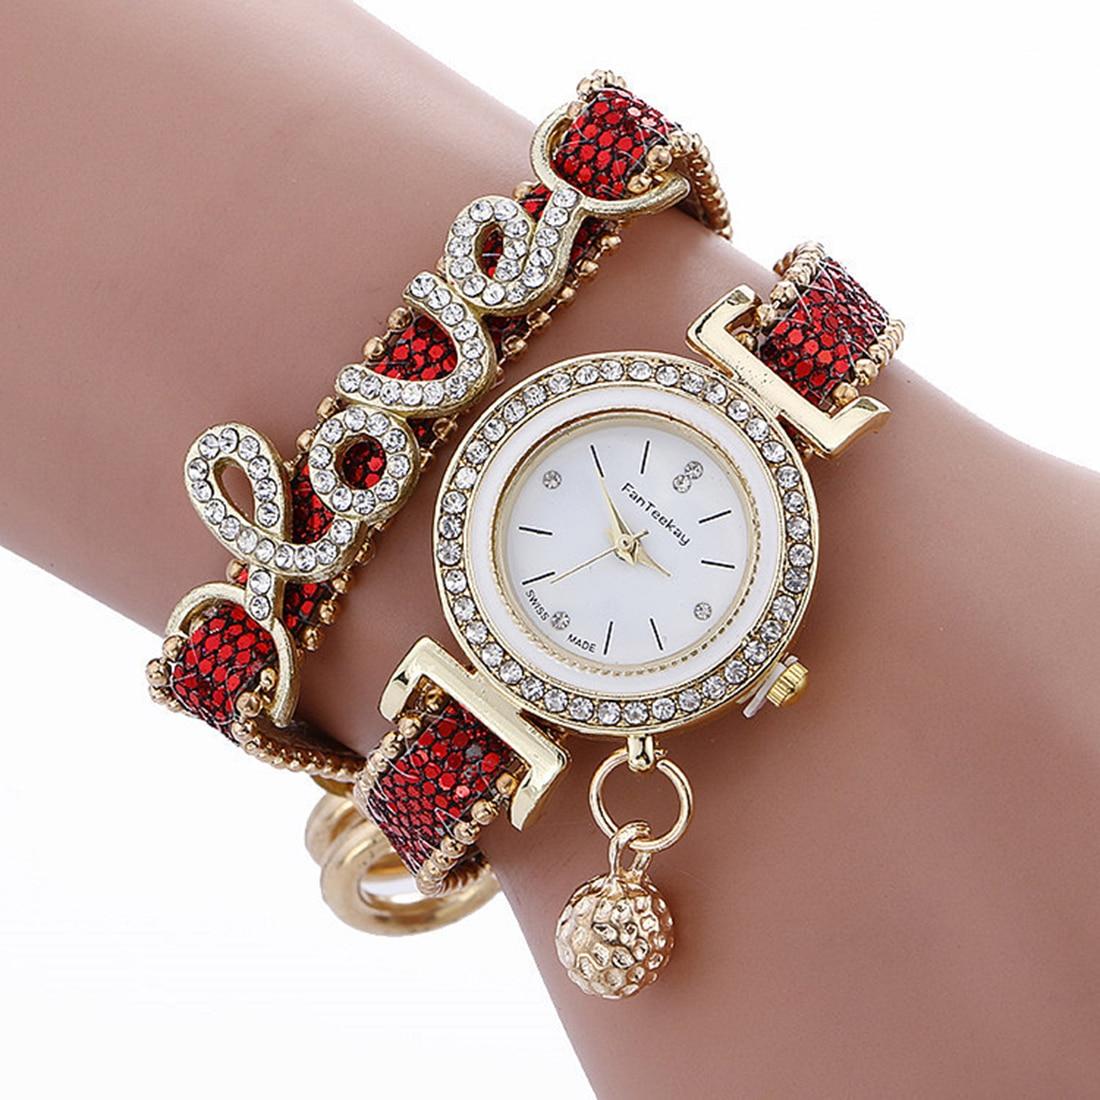 Relógios de Quartzo Pu de Couro Strass Relógios Mulheres Top Luxo ... 3e81e6a6f7